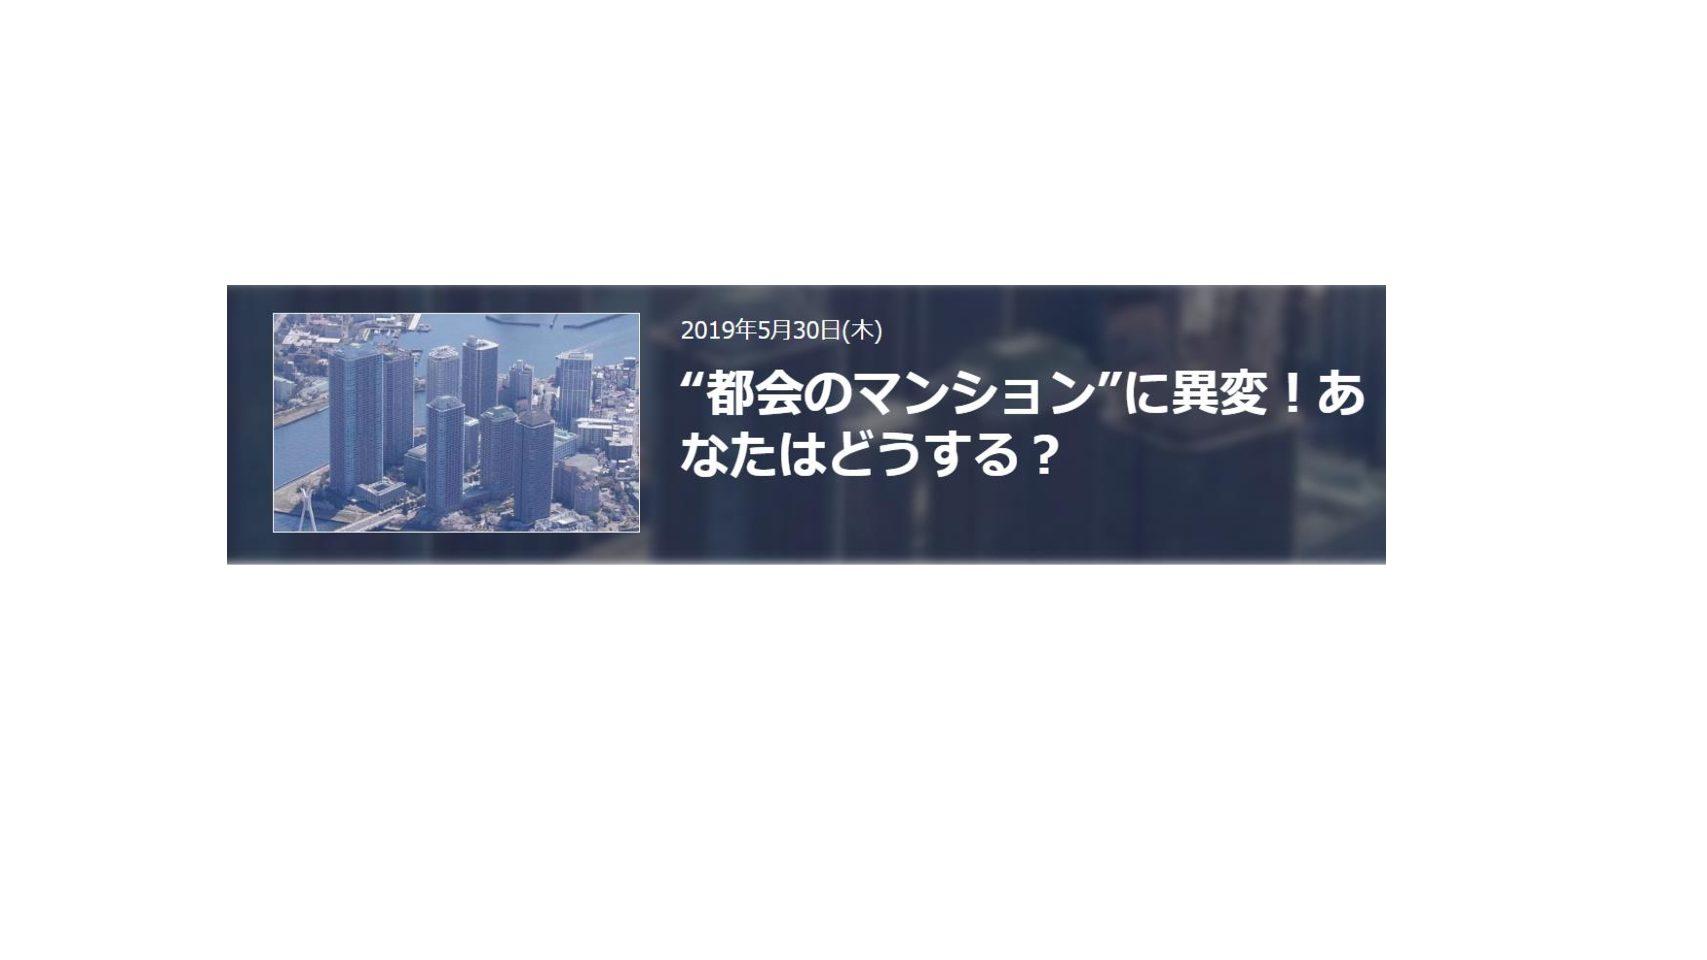 NHK「クローズアップ現代」に弊社の取り組みが紹介されました。